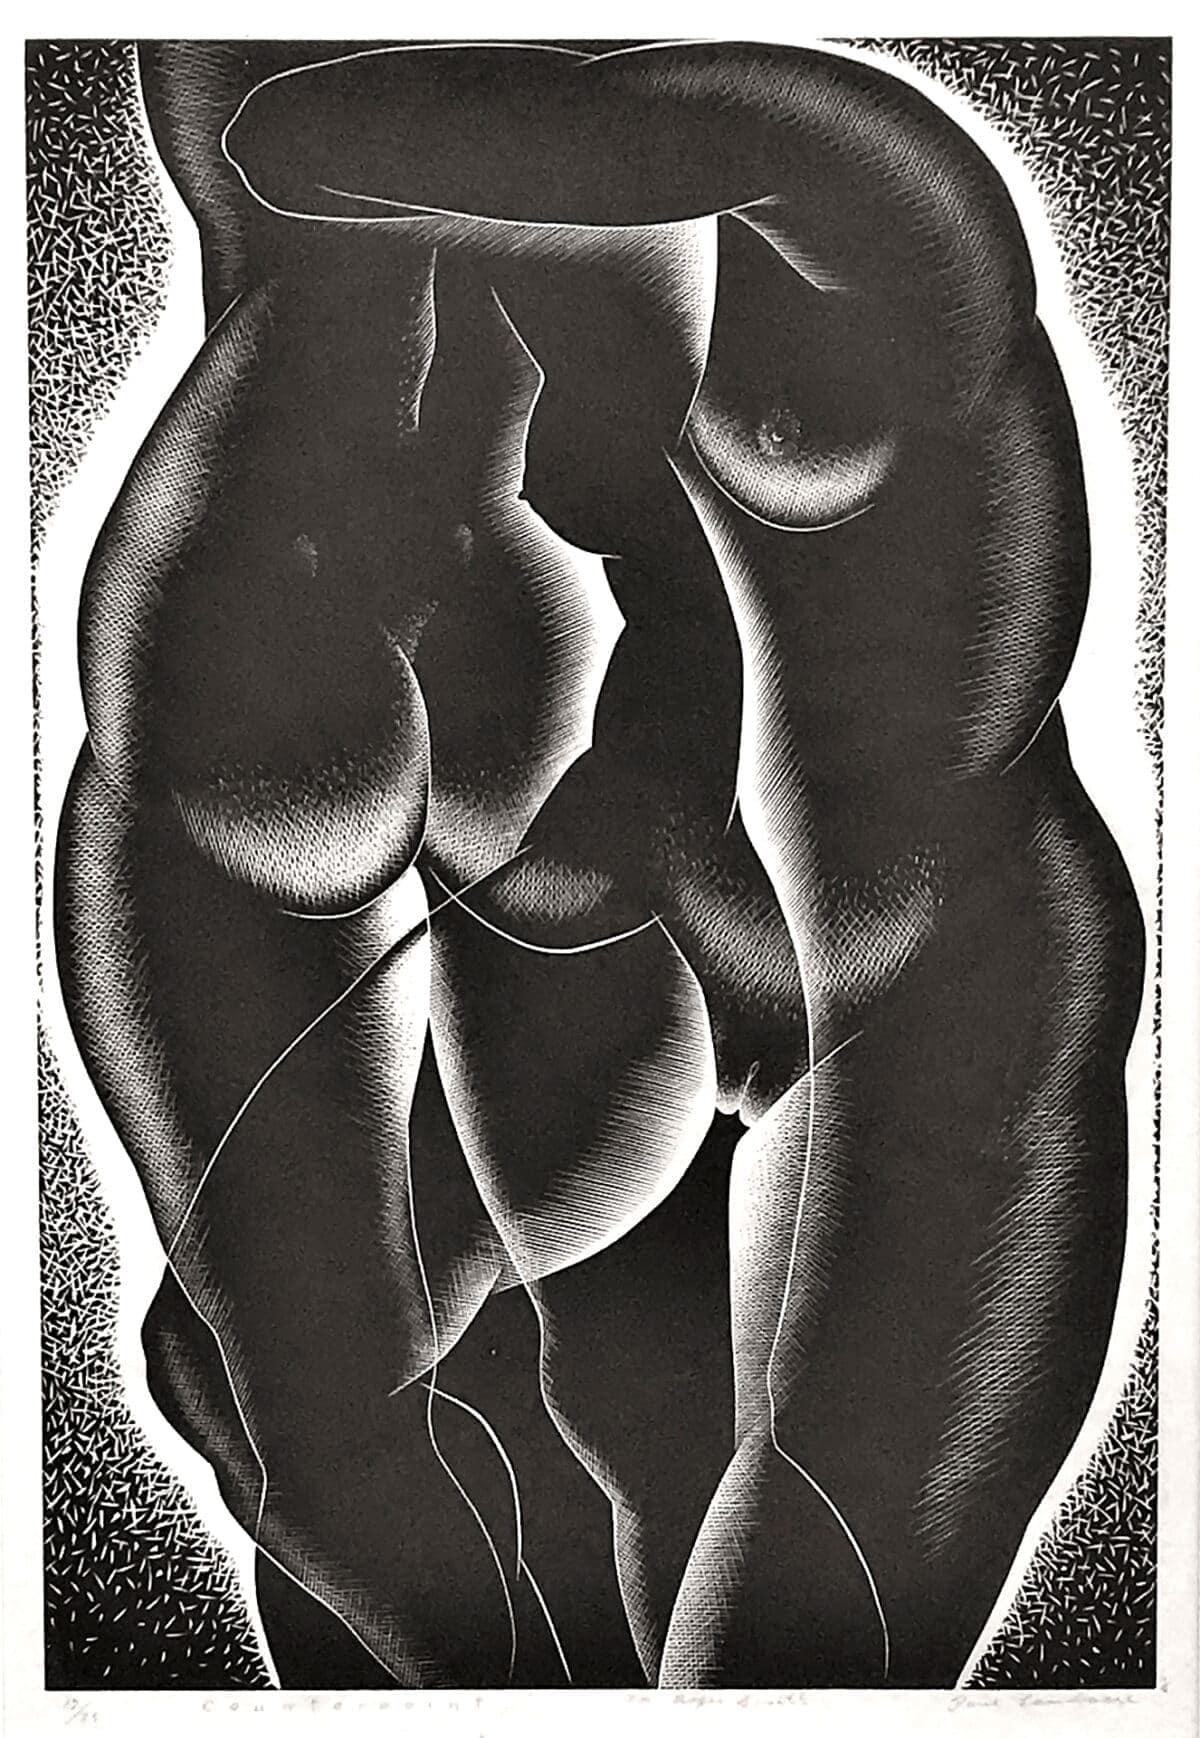 LANDACRE-Counterpoint, 1937